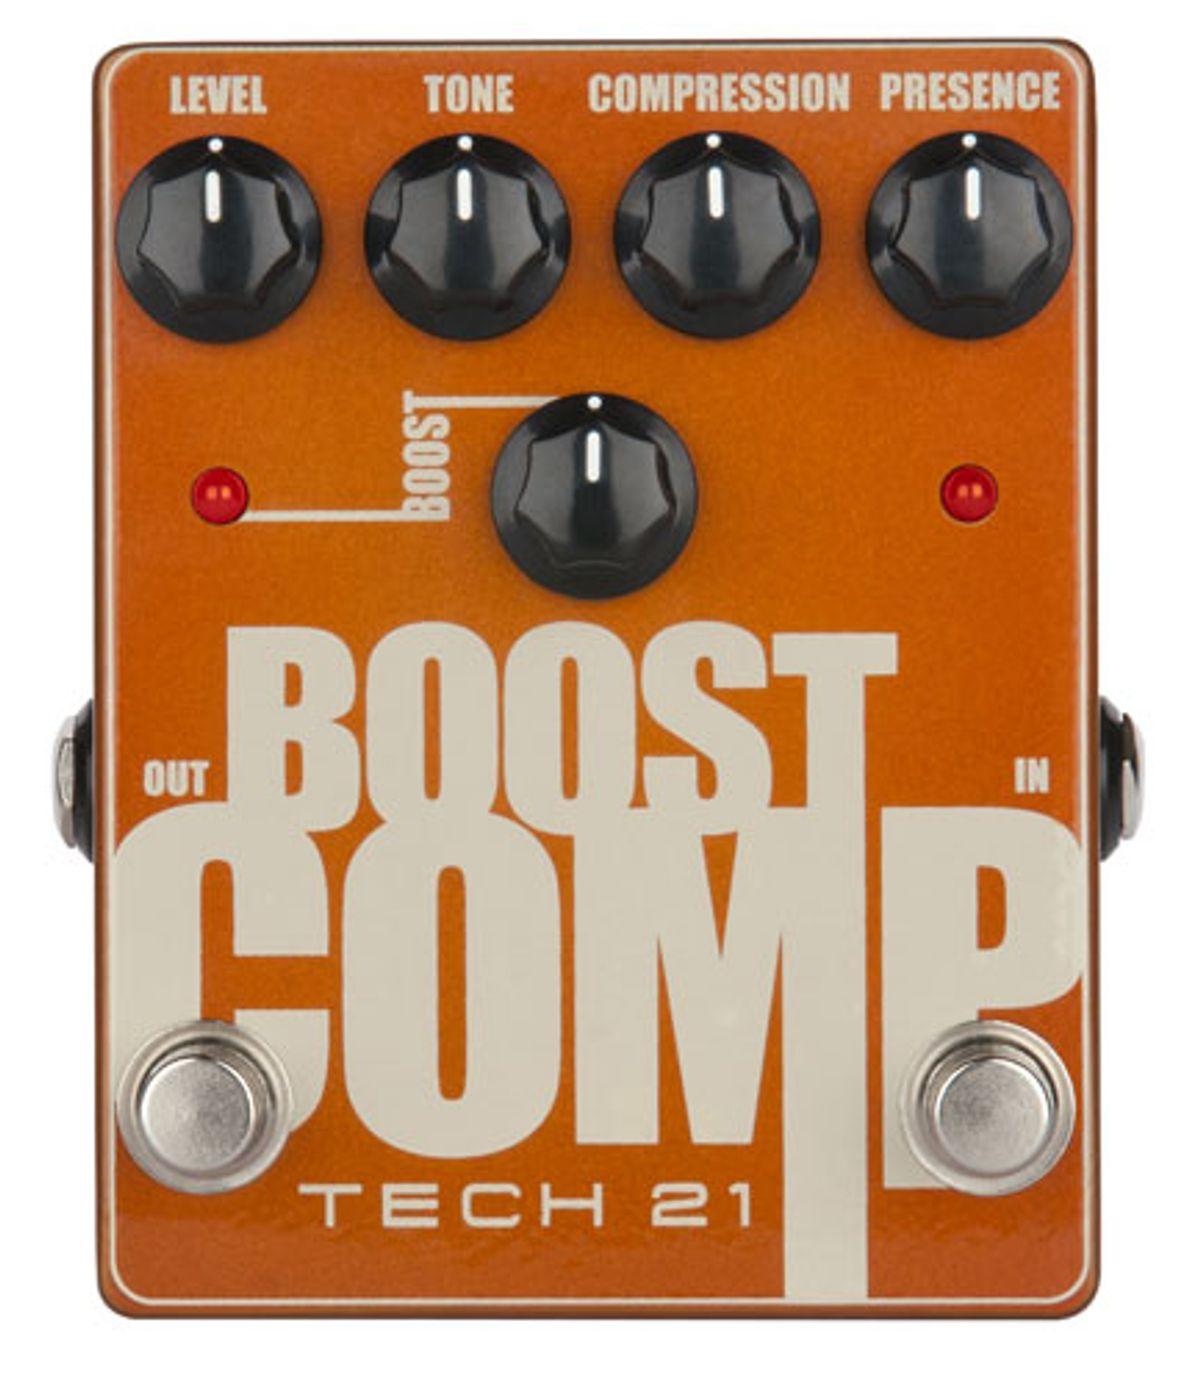 Tech 21 Announces the Boost Comp